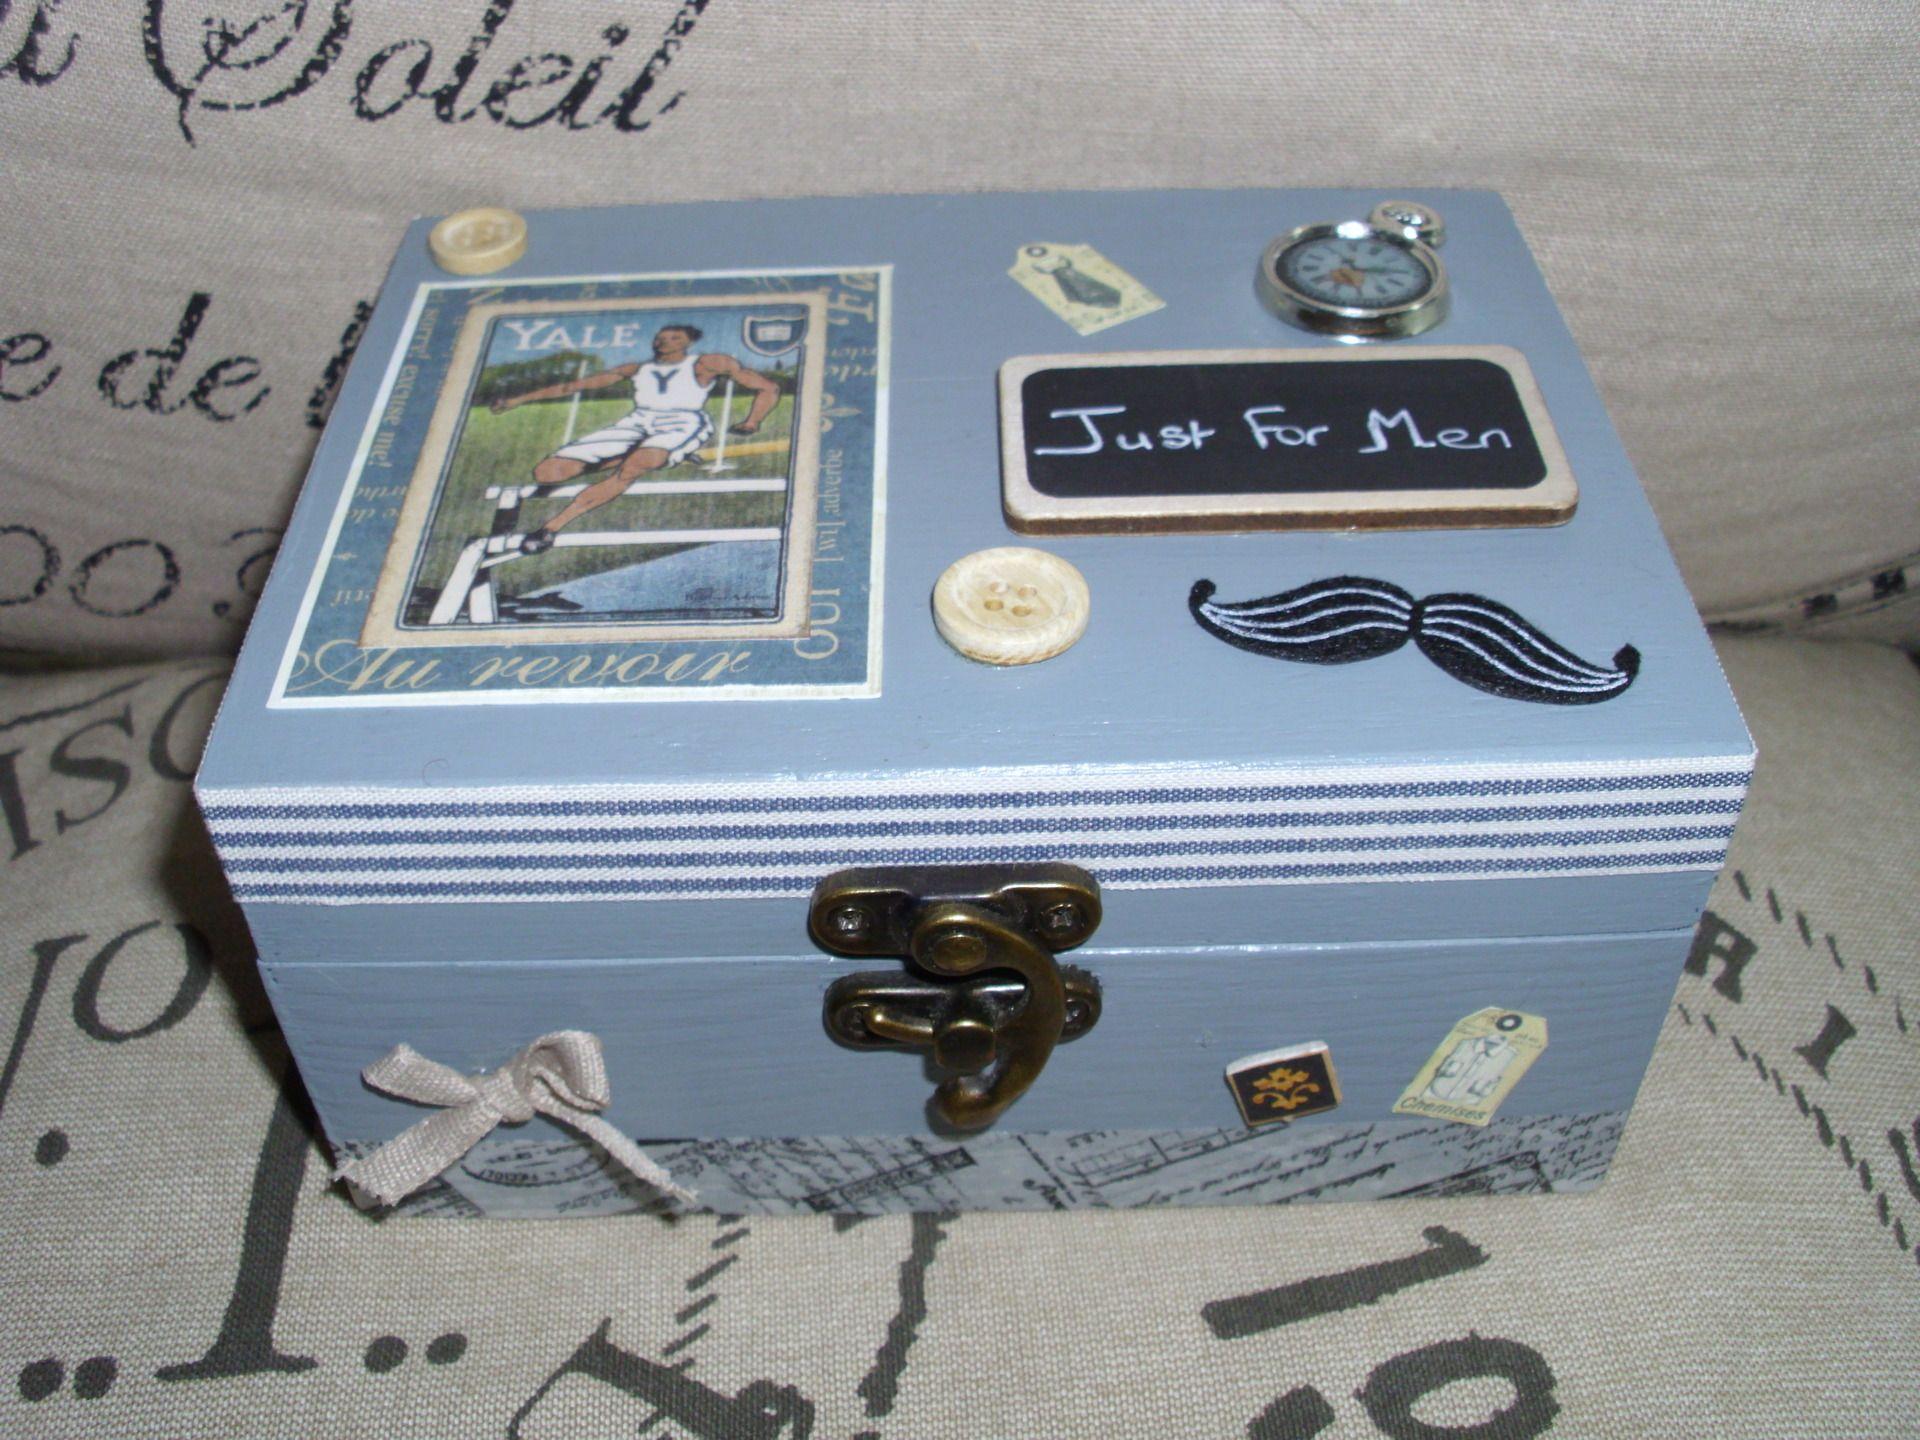 bijoux pour hommes boite a bijoux en bois pour homme 11374411 hpim0007 fe22c 582fe 1920. Black Bedroom Furniture Sets. Home Design Ideas